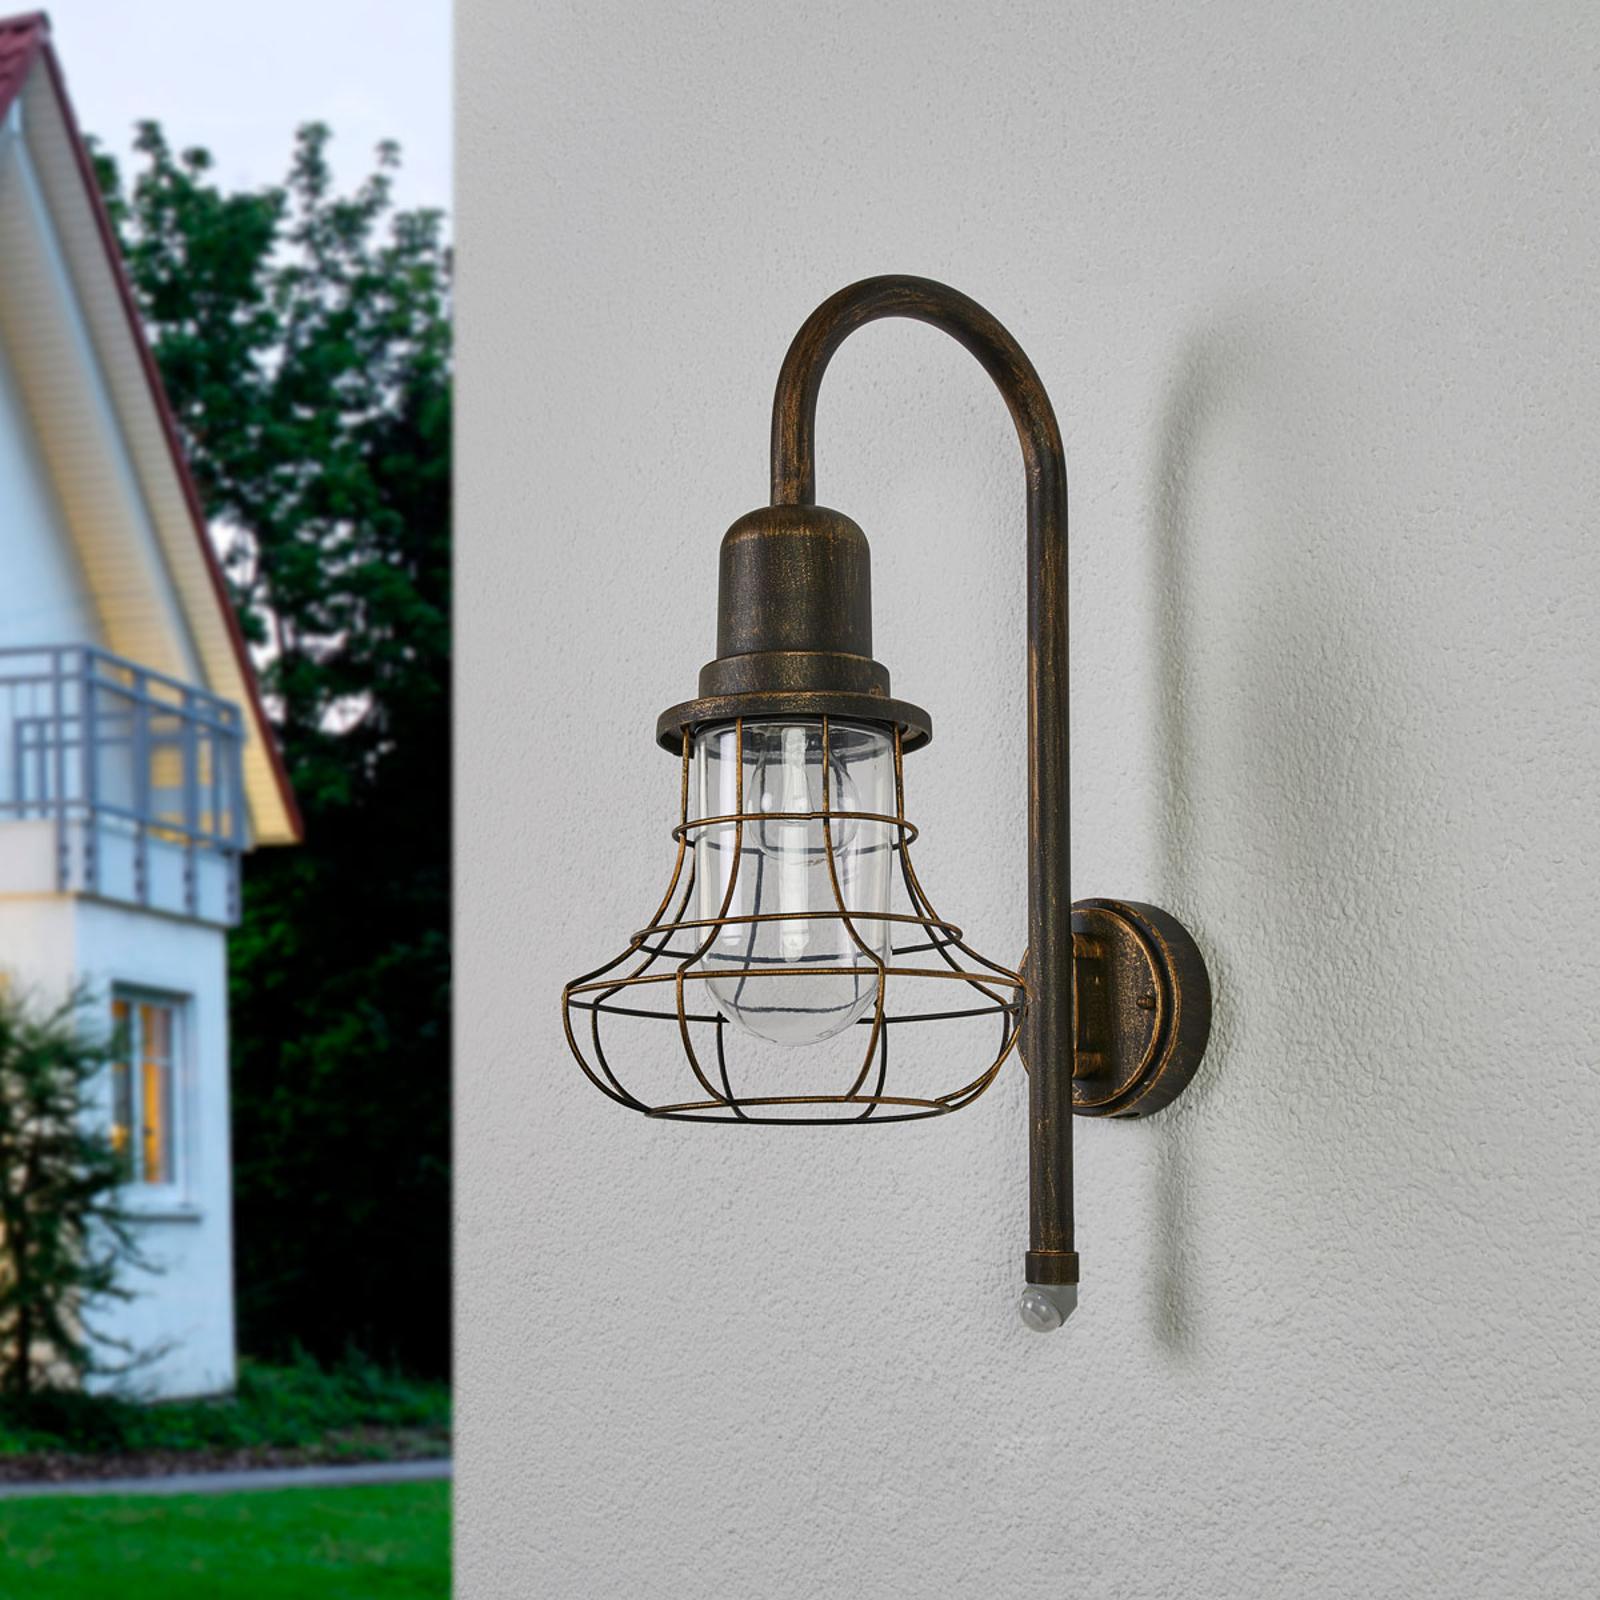 Mit Sensor - antike Wandlampe Bird für außen